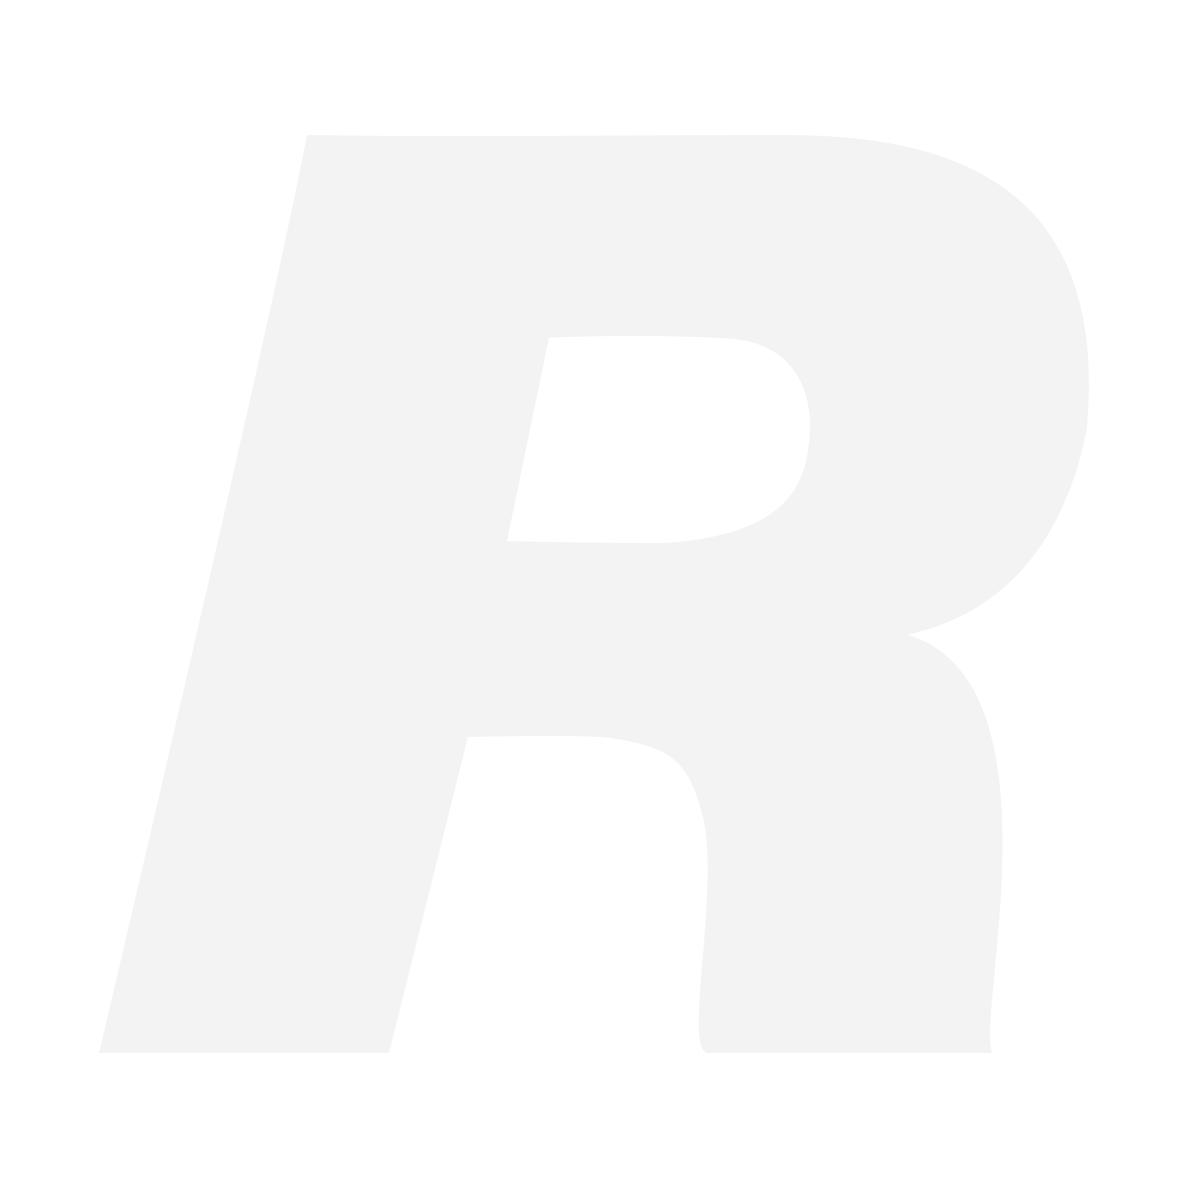 Elinchrom E208392 D-LITE 4/4 Softbox